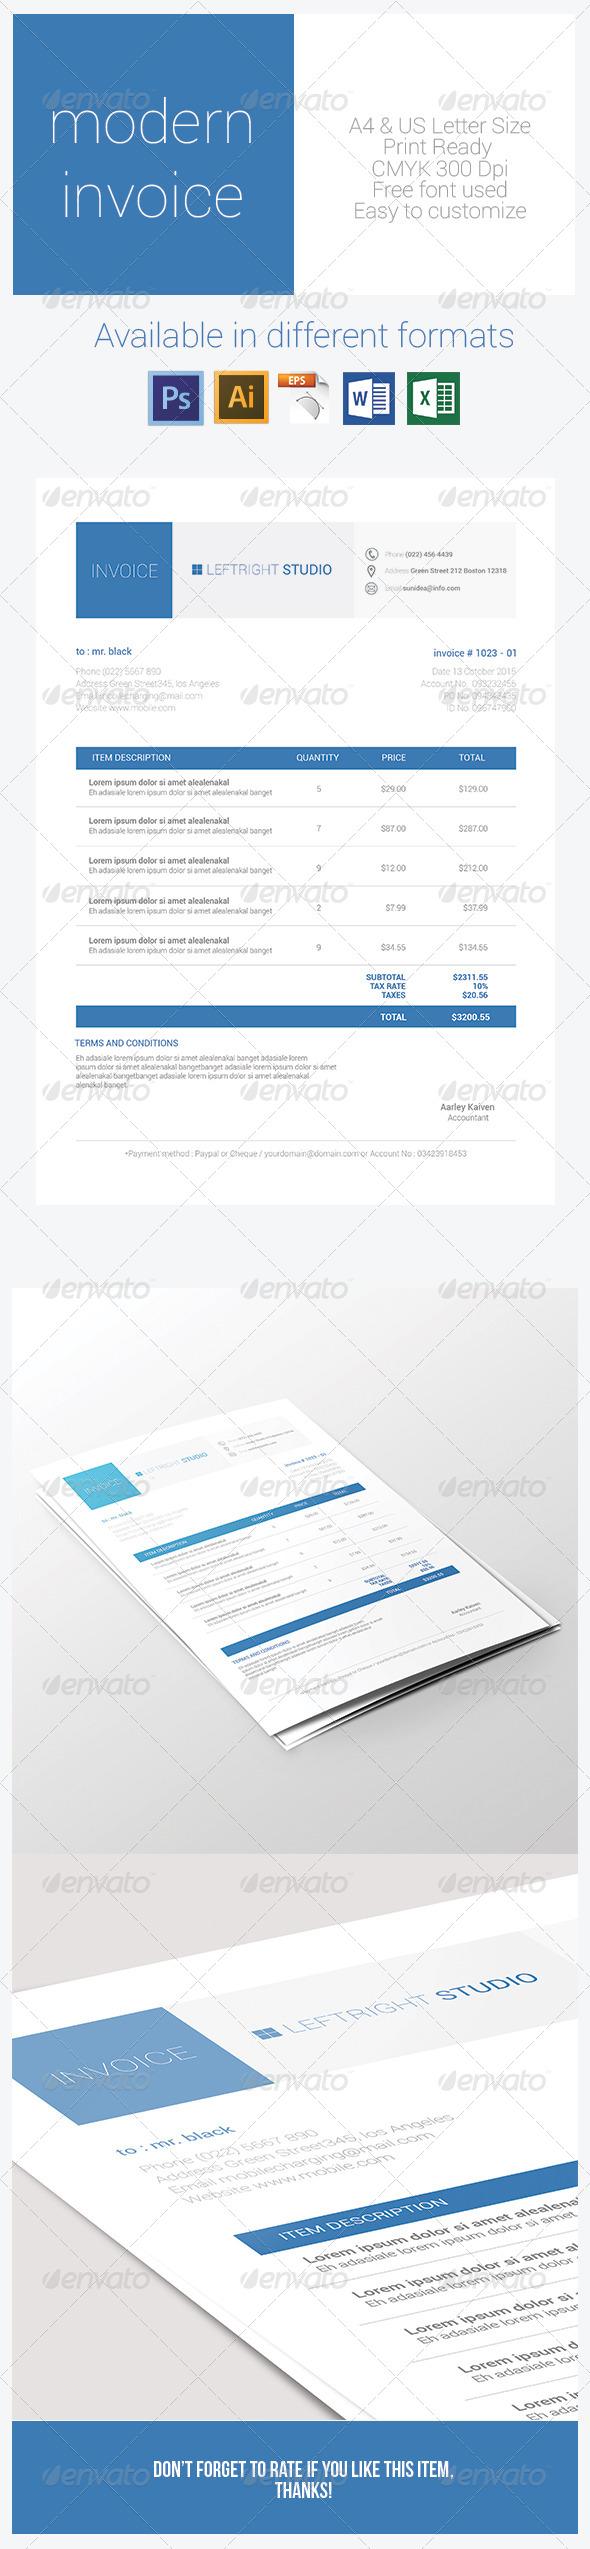 GraphicRiver Modern Invoice 7508477